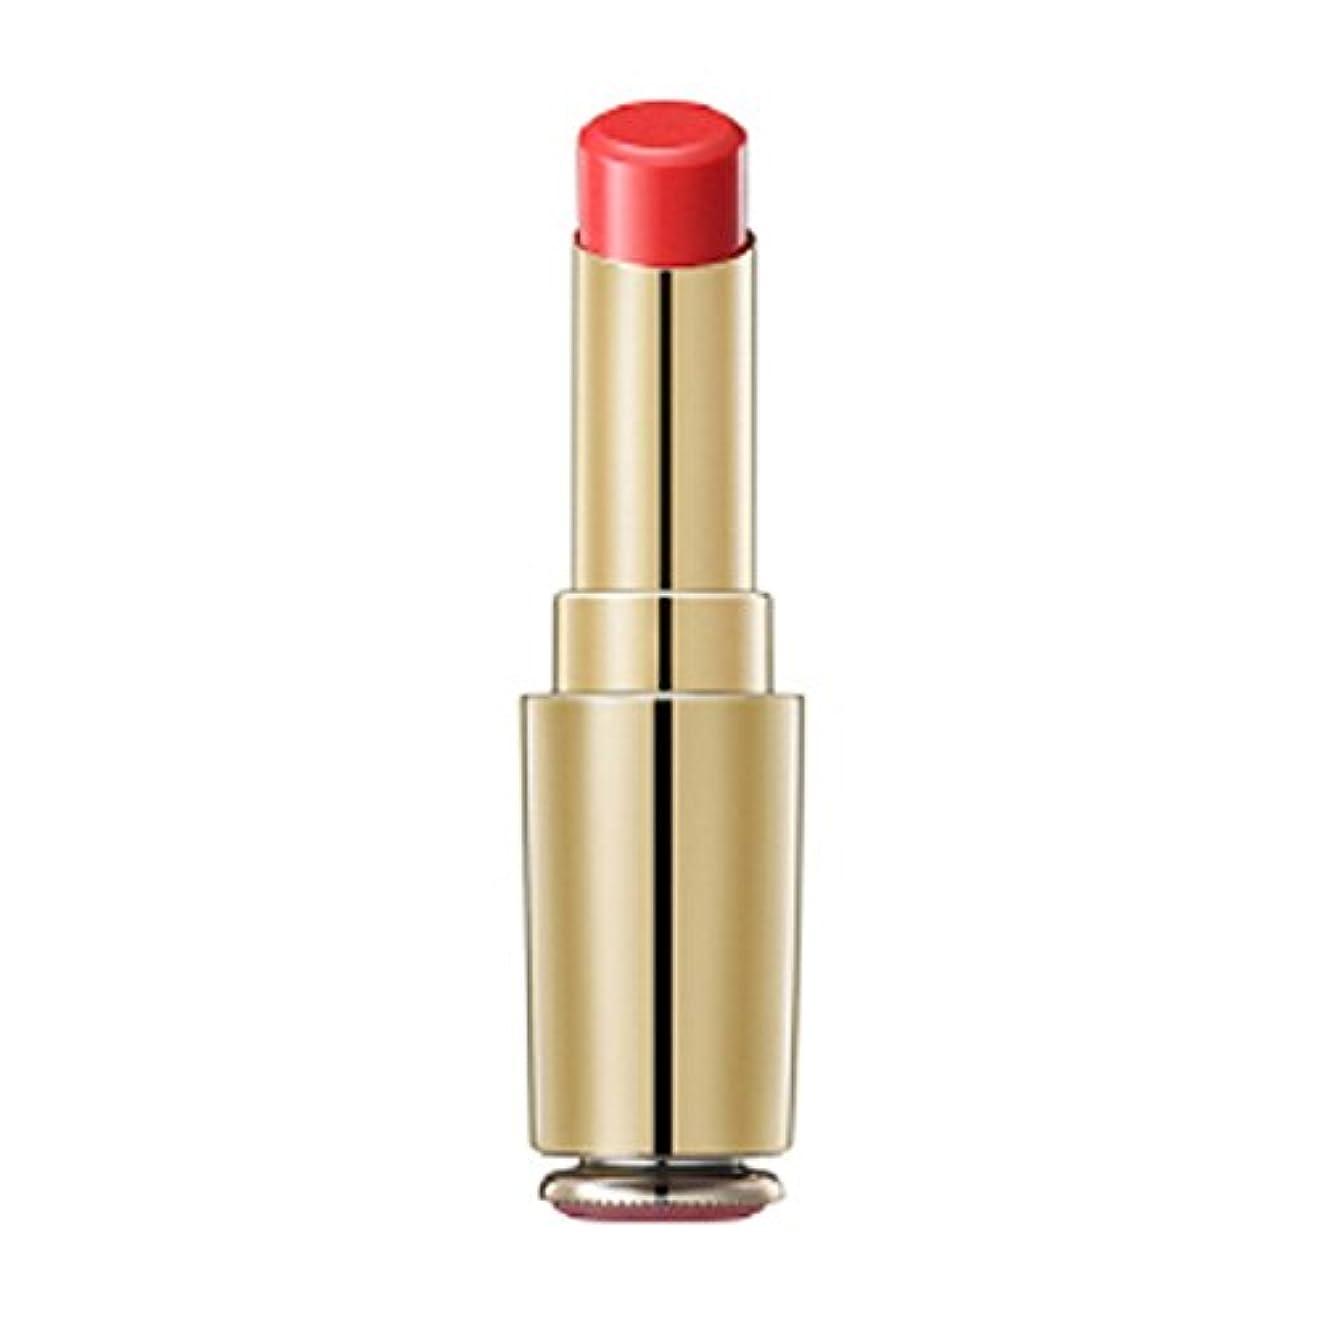 罪悪感大胆不敵違反するソルファス Essential Lip Serum Stick - # No. 3 Flower Pink 3g/0.1oz並行輸入品